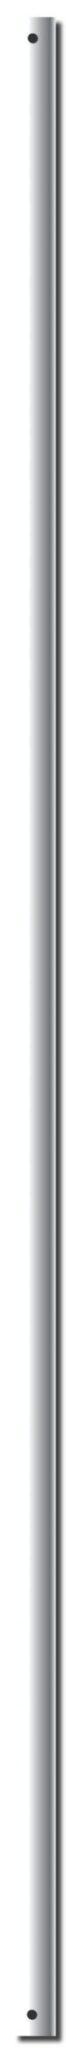 Tige Pour Ventilateur – Canarm – DR36CP56HP